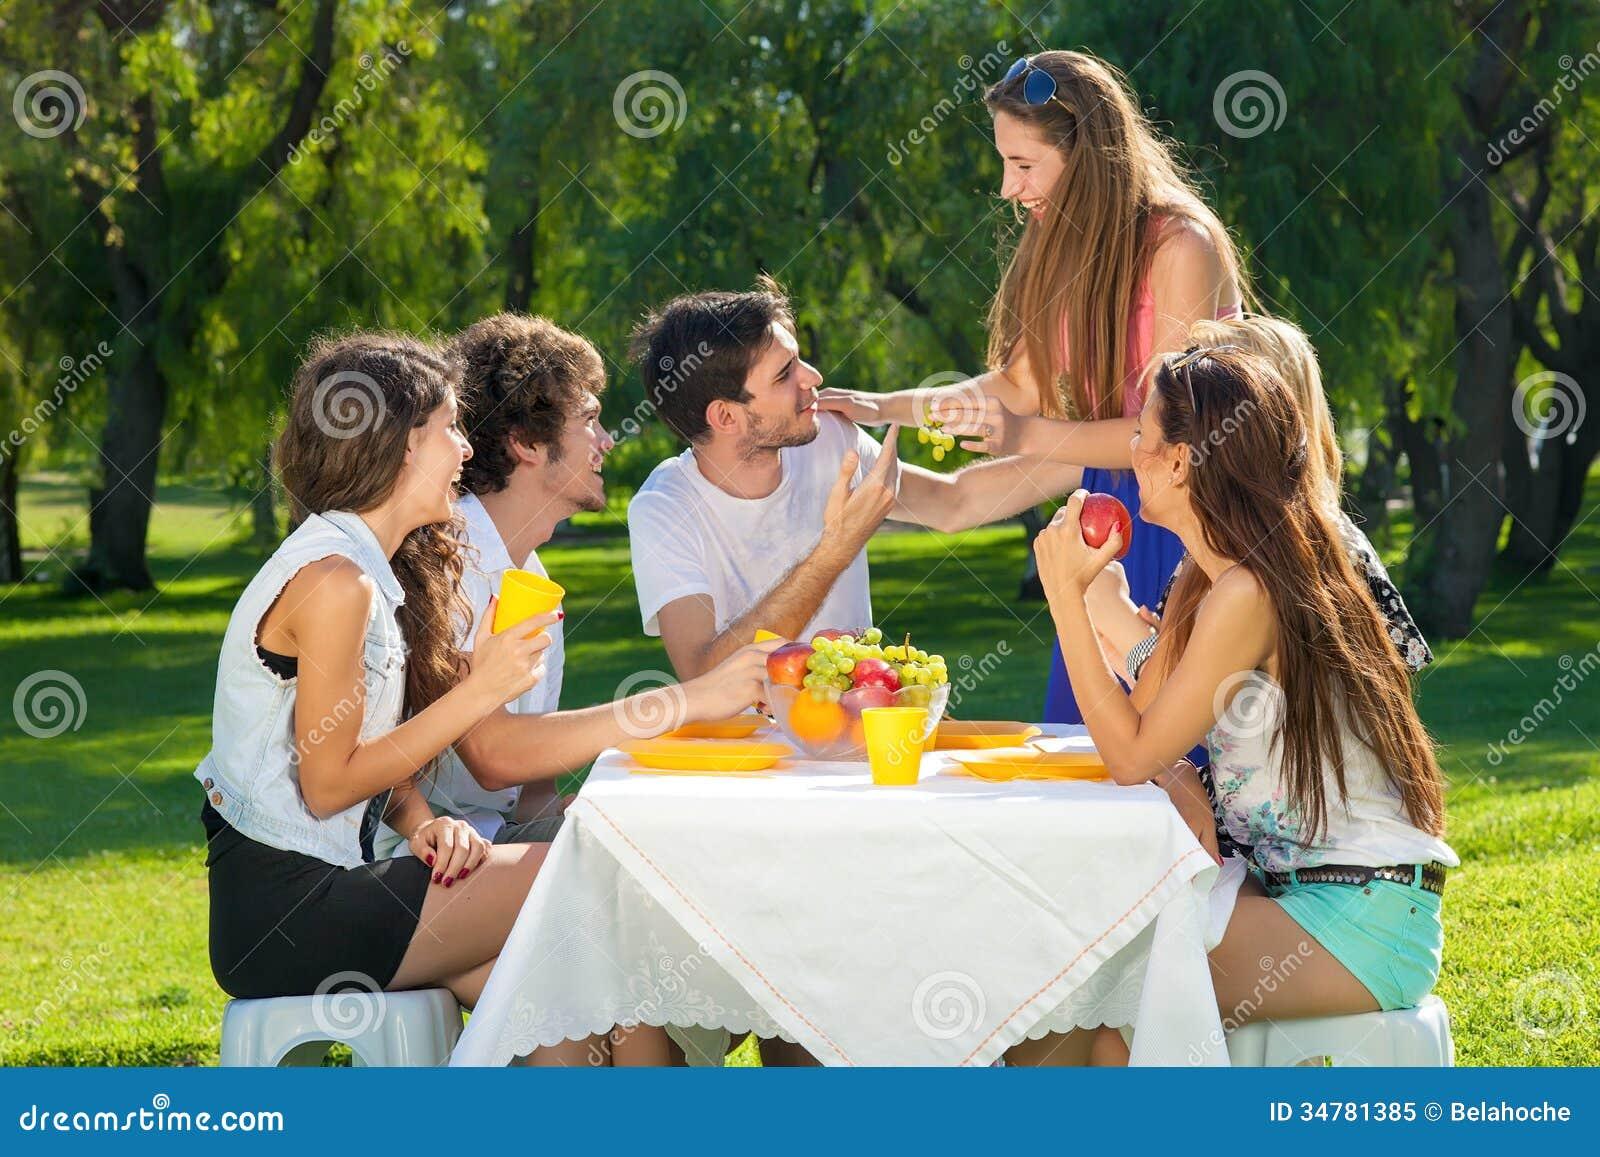 Студенты на пикниках 19 фотография